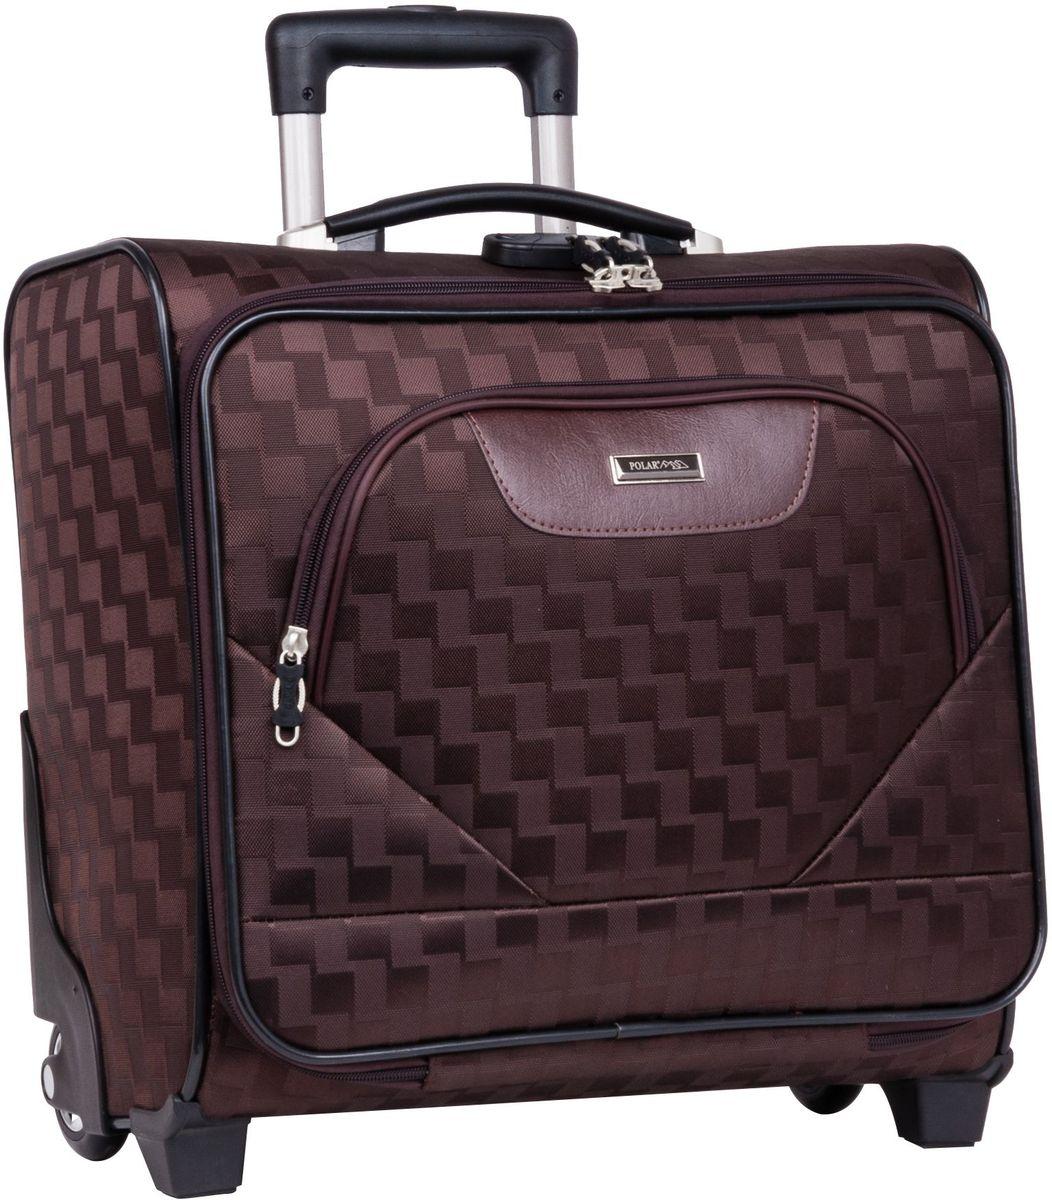 Чемодан-пилот Polar, цвет: коричневый, 32,5 л, 40 х 43 х 19 см. П7076П7076Новый Модный кейс-Пилот на надежных колесах с подшипниками и прочной выдвижной тележкой подойдет как ручная кладь во все Авиакомпании (в том числе Лоукостеры) и поездку в командировку. Наши чемоданы отлично подходят для перевозки хрупких вещей. Пластик отлично защищает внутреннее содержание от любых внешних воздействий. Выдвижная металлическая ручка, выдвигается на 62 см. Внутренняя тележка. Внутри: фиксаторы зажимы для Ваших вещей. Также предусмотрен кодовый замок. Эта универсальная модель идеально подойдет для краткосрочных командировок и позволит вам взять с собой, помимо ноутбука, еще и все самые необходимые для Вас вещи